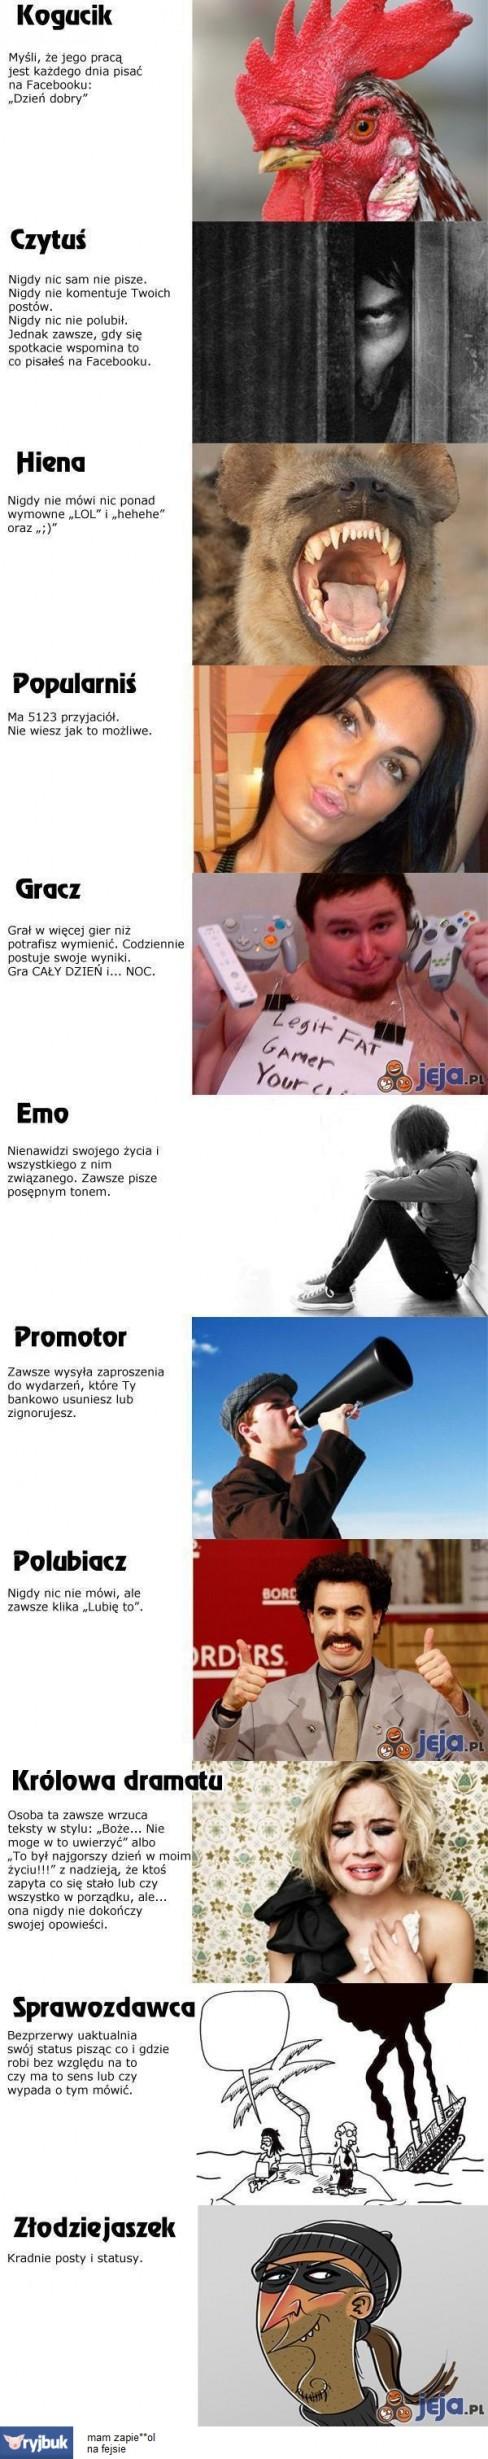 Typy użytkowników Facebooka po polsku